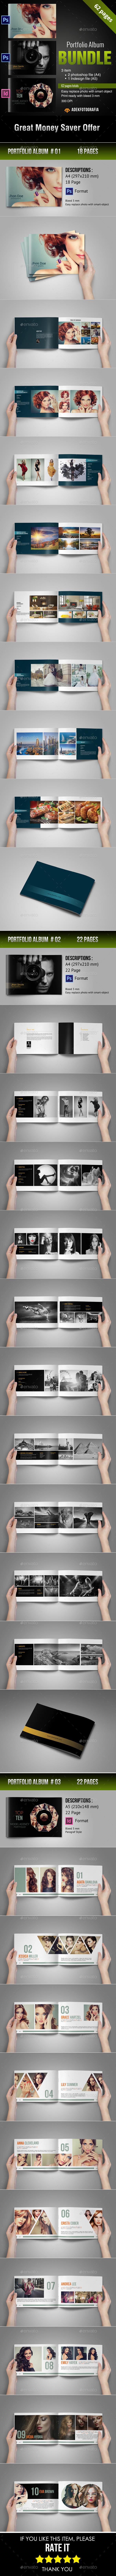 Multipurpose Photo Album / Portfolio Bundle - Photo Albums Print Templates